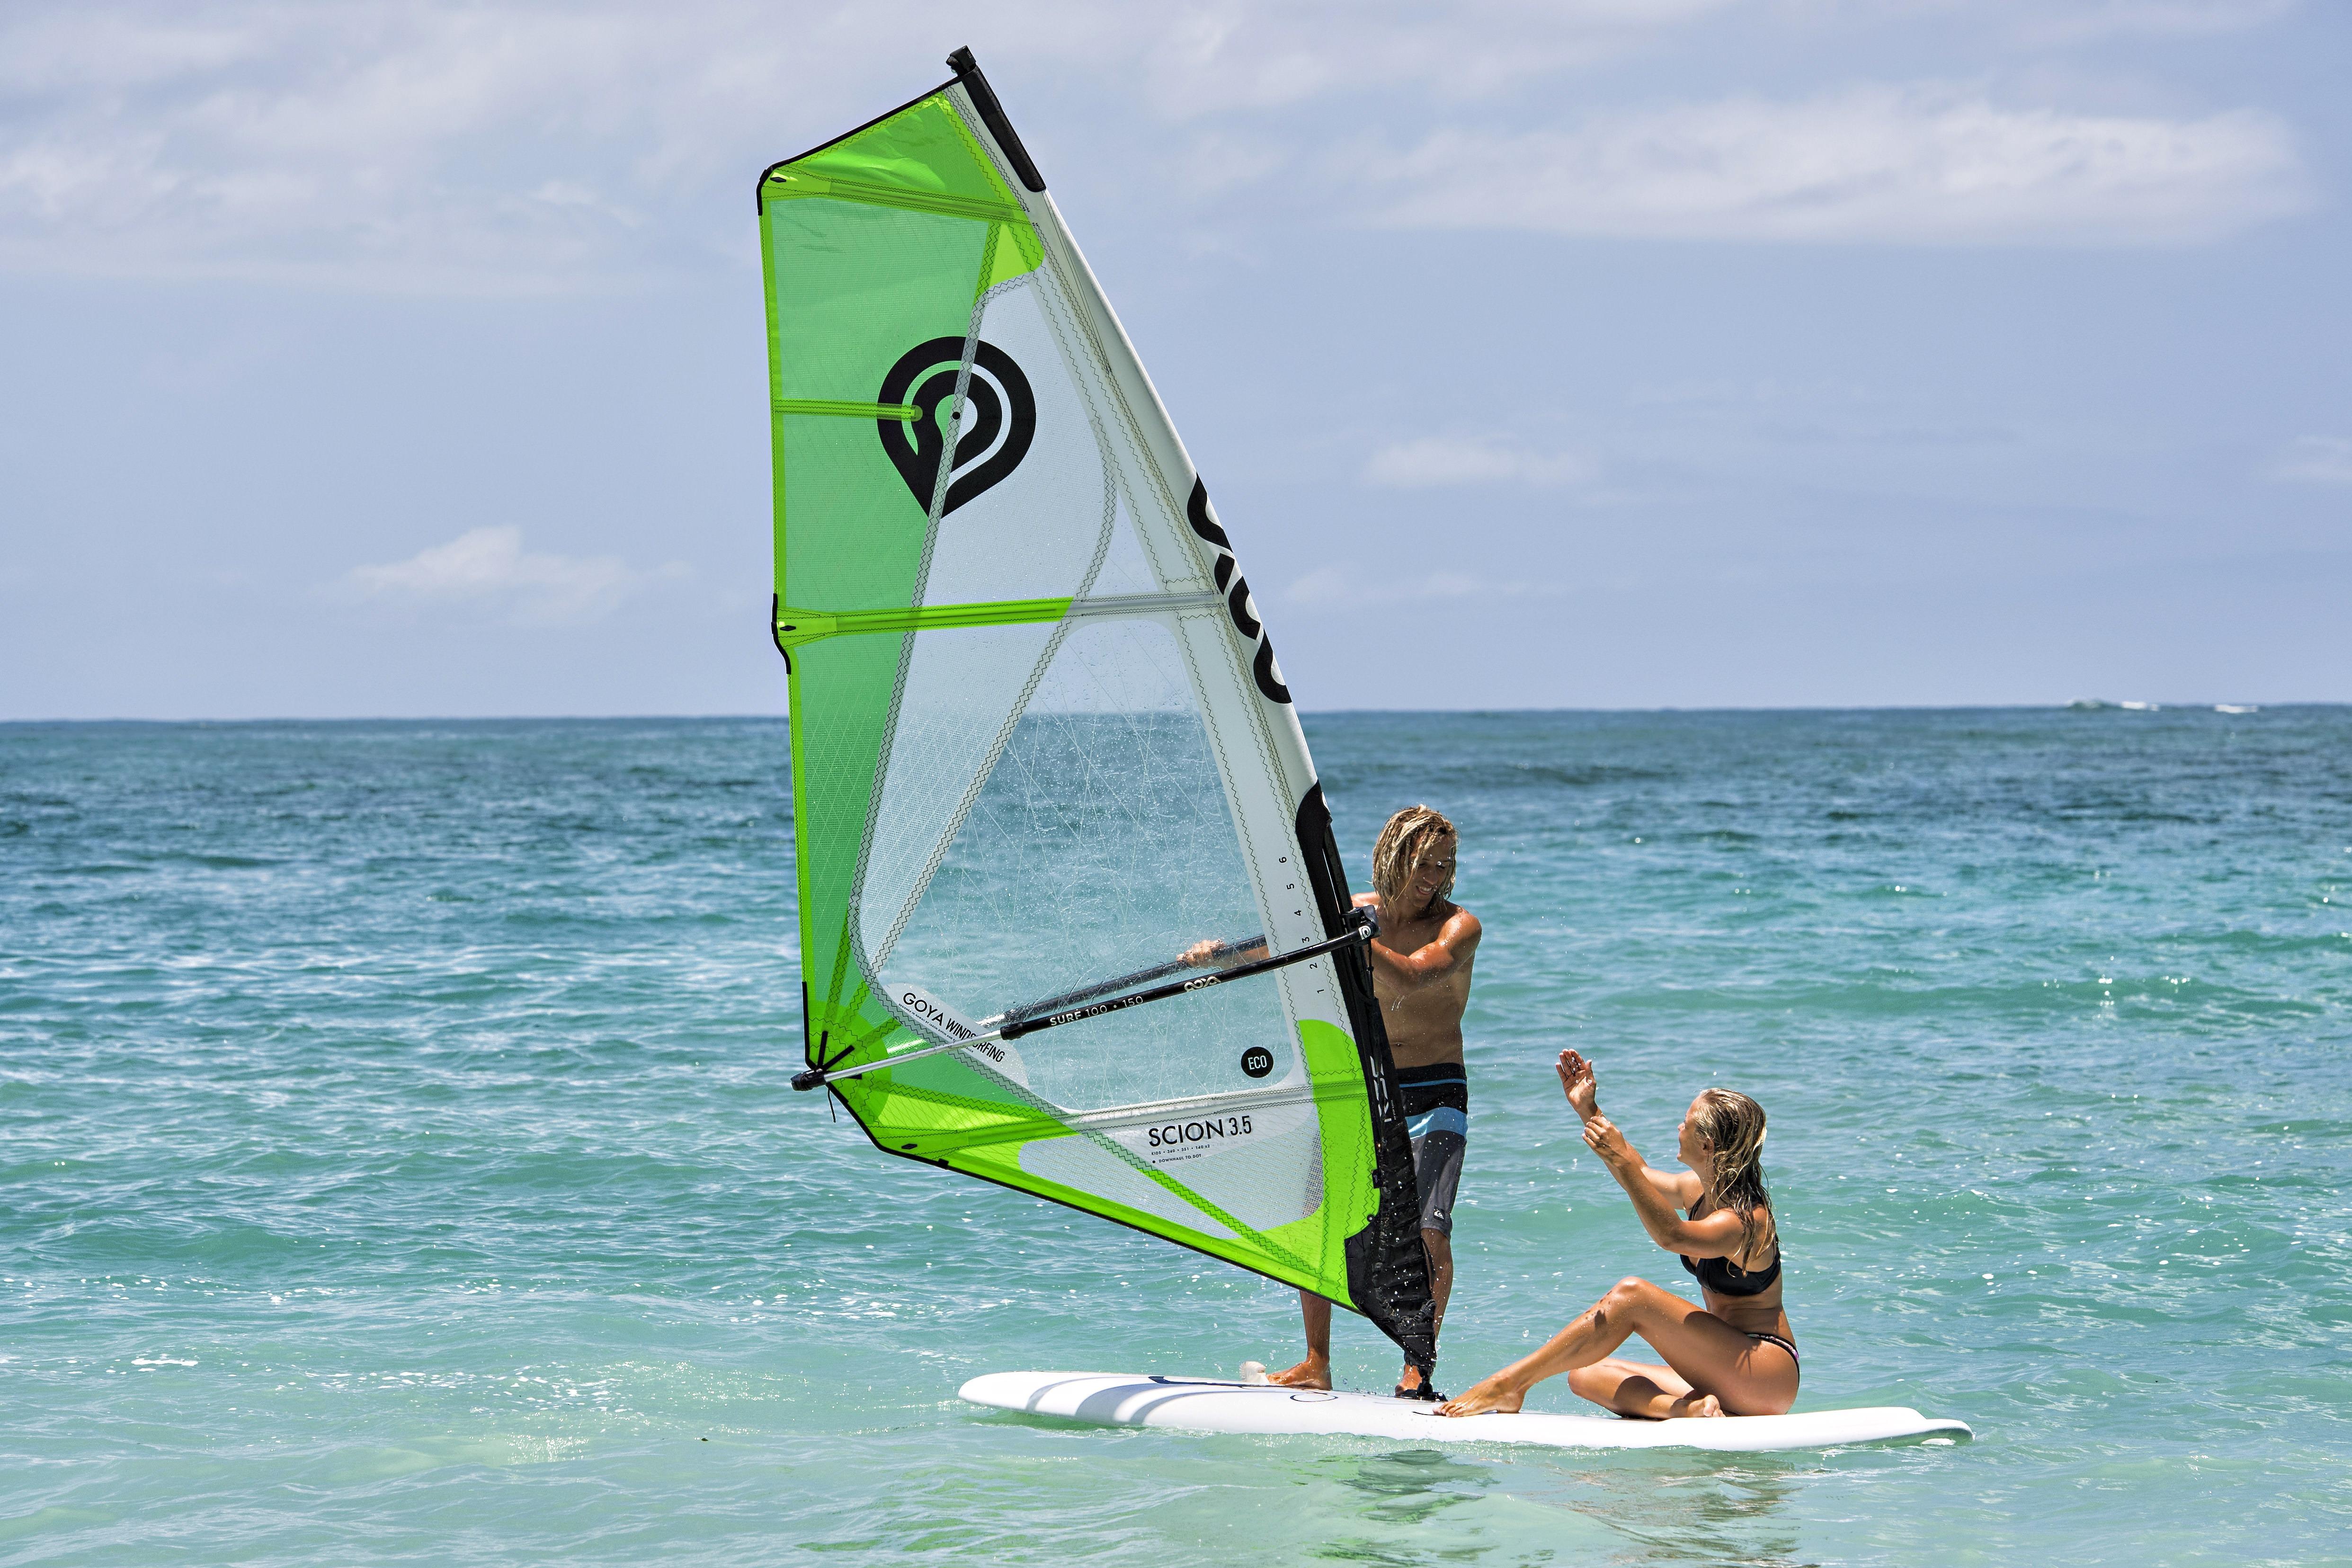 Surf-scion